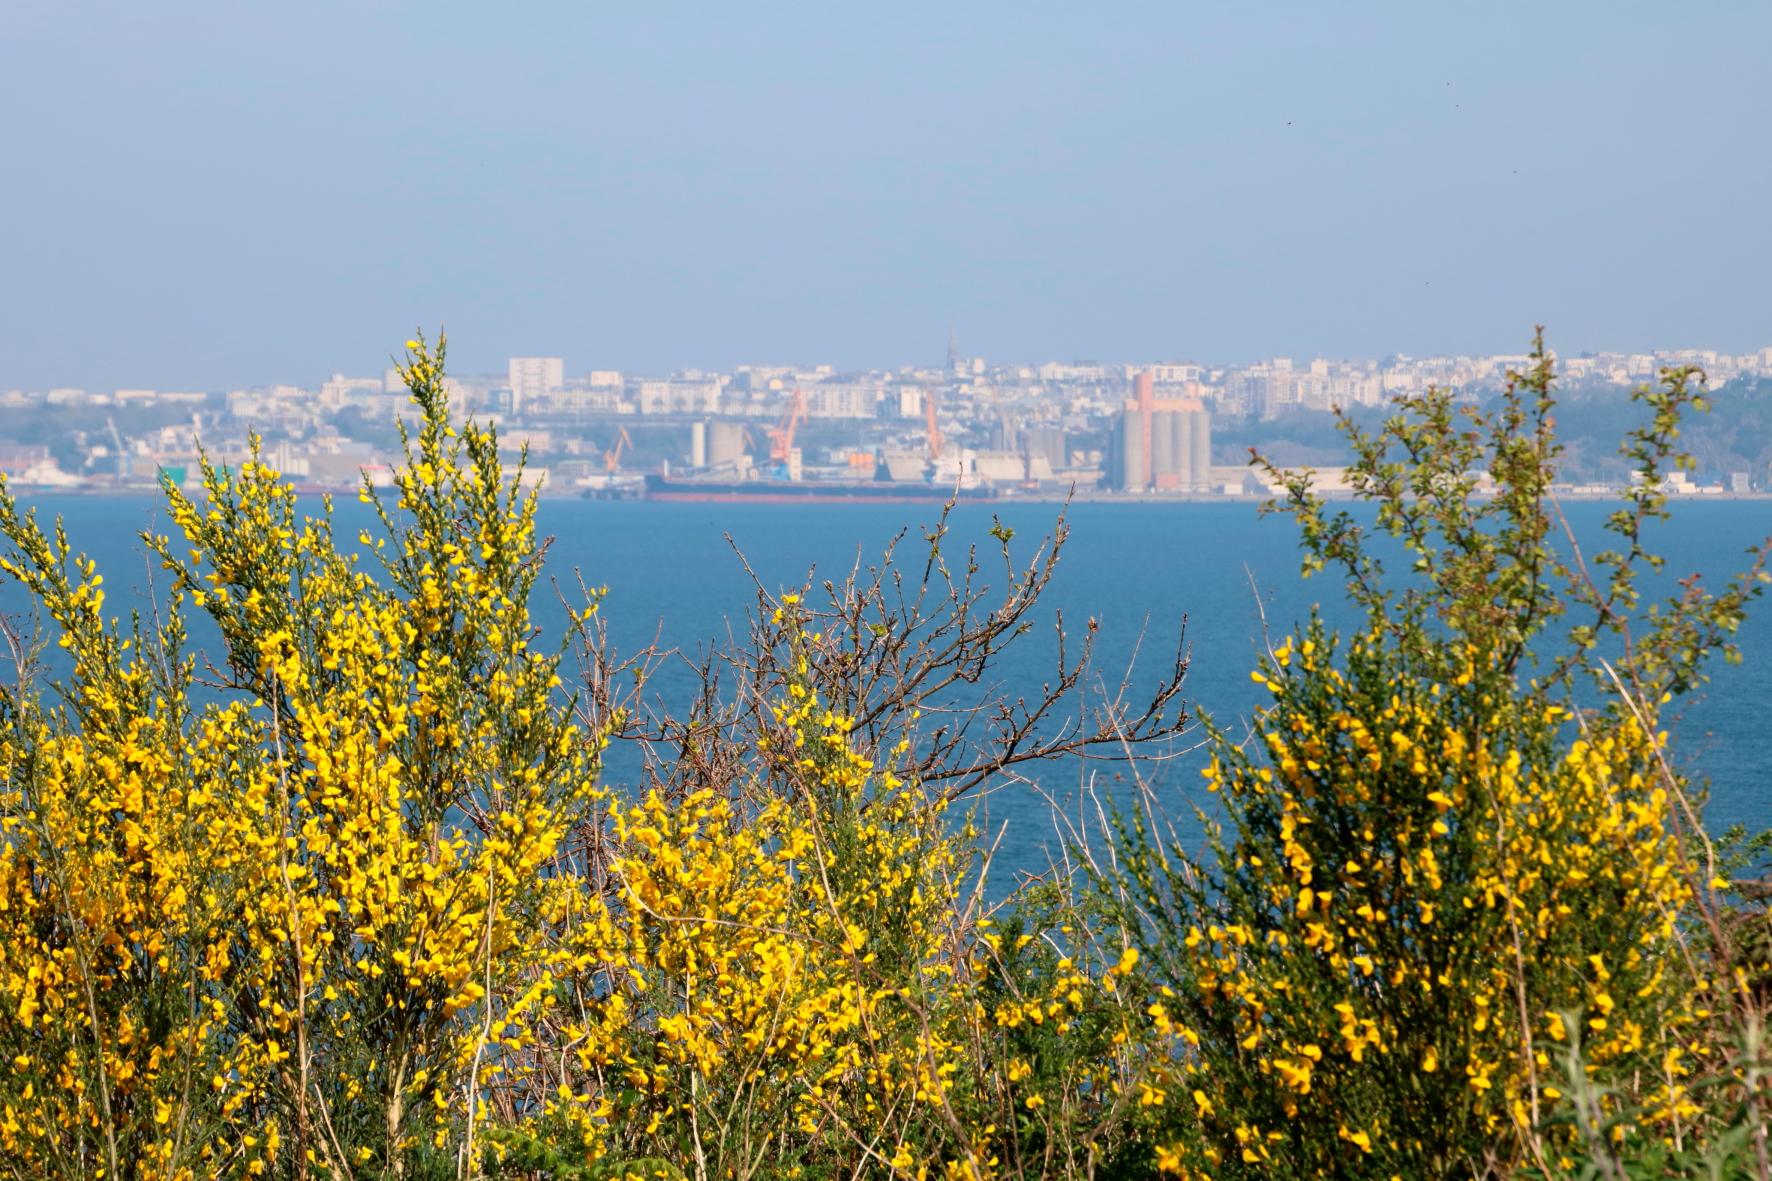 Pointe-Corbeau-22-04-173-panorama-